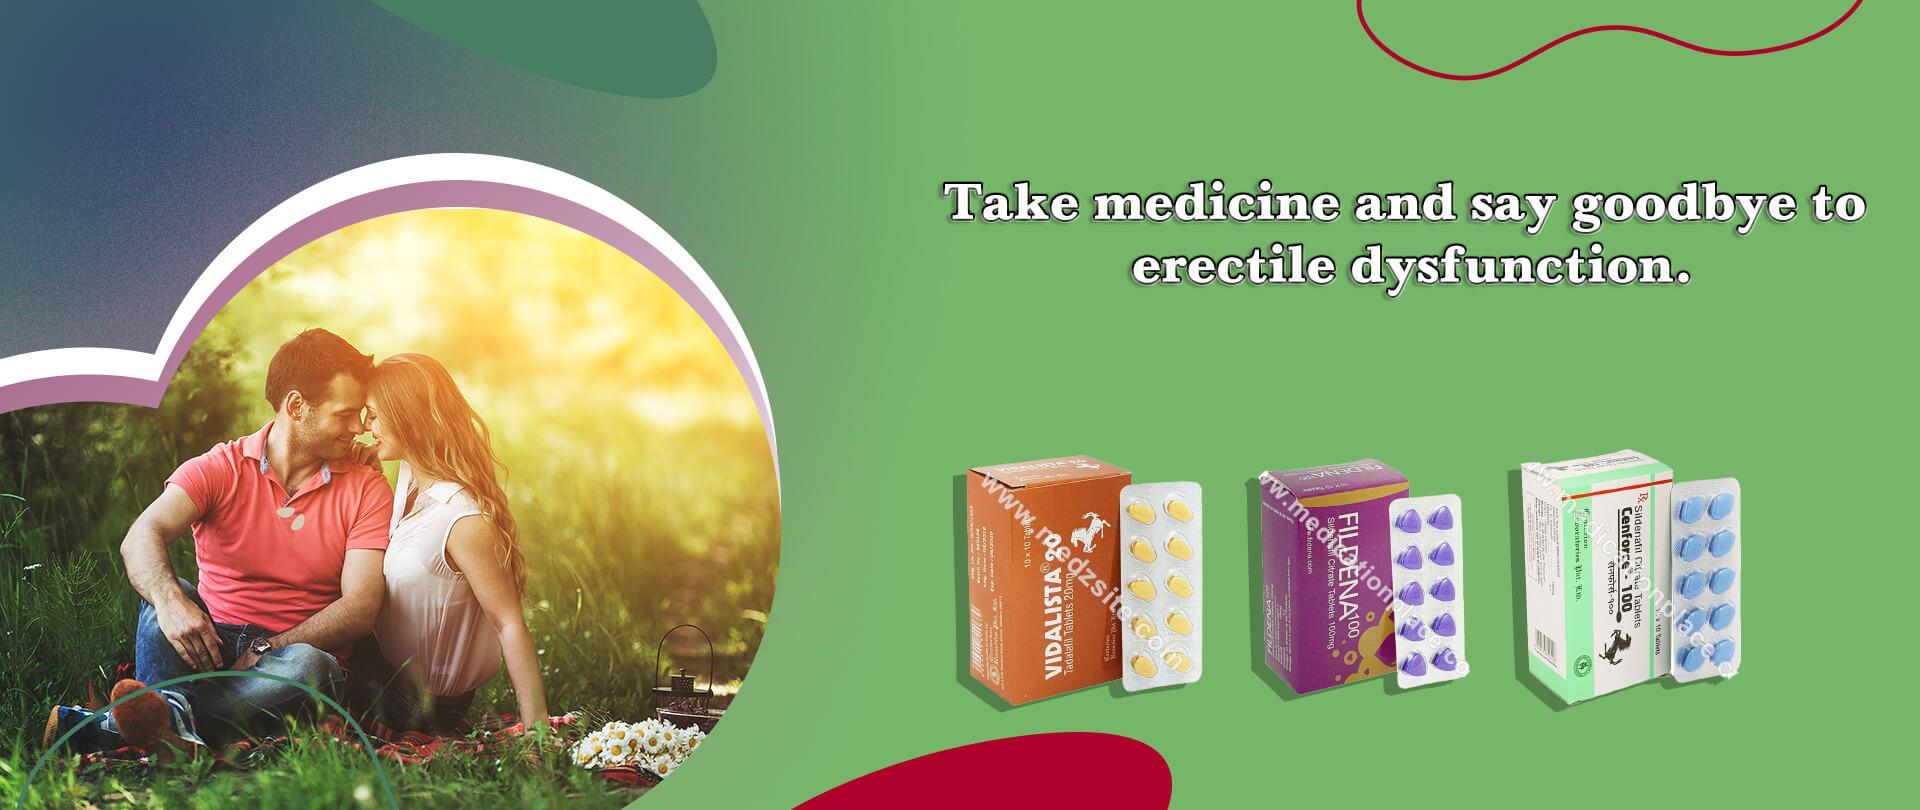 medication_banner